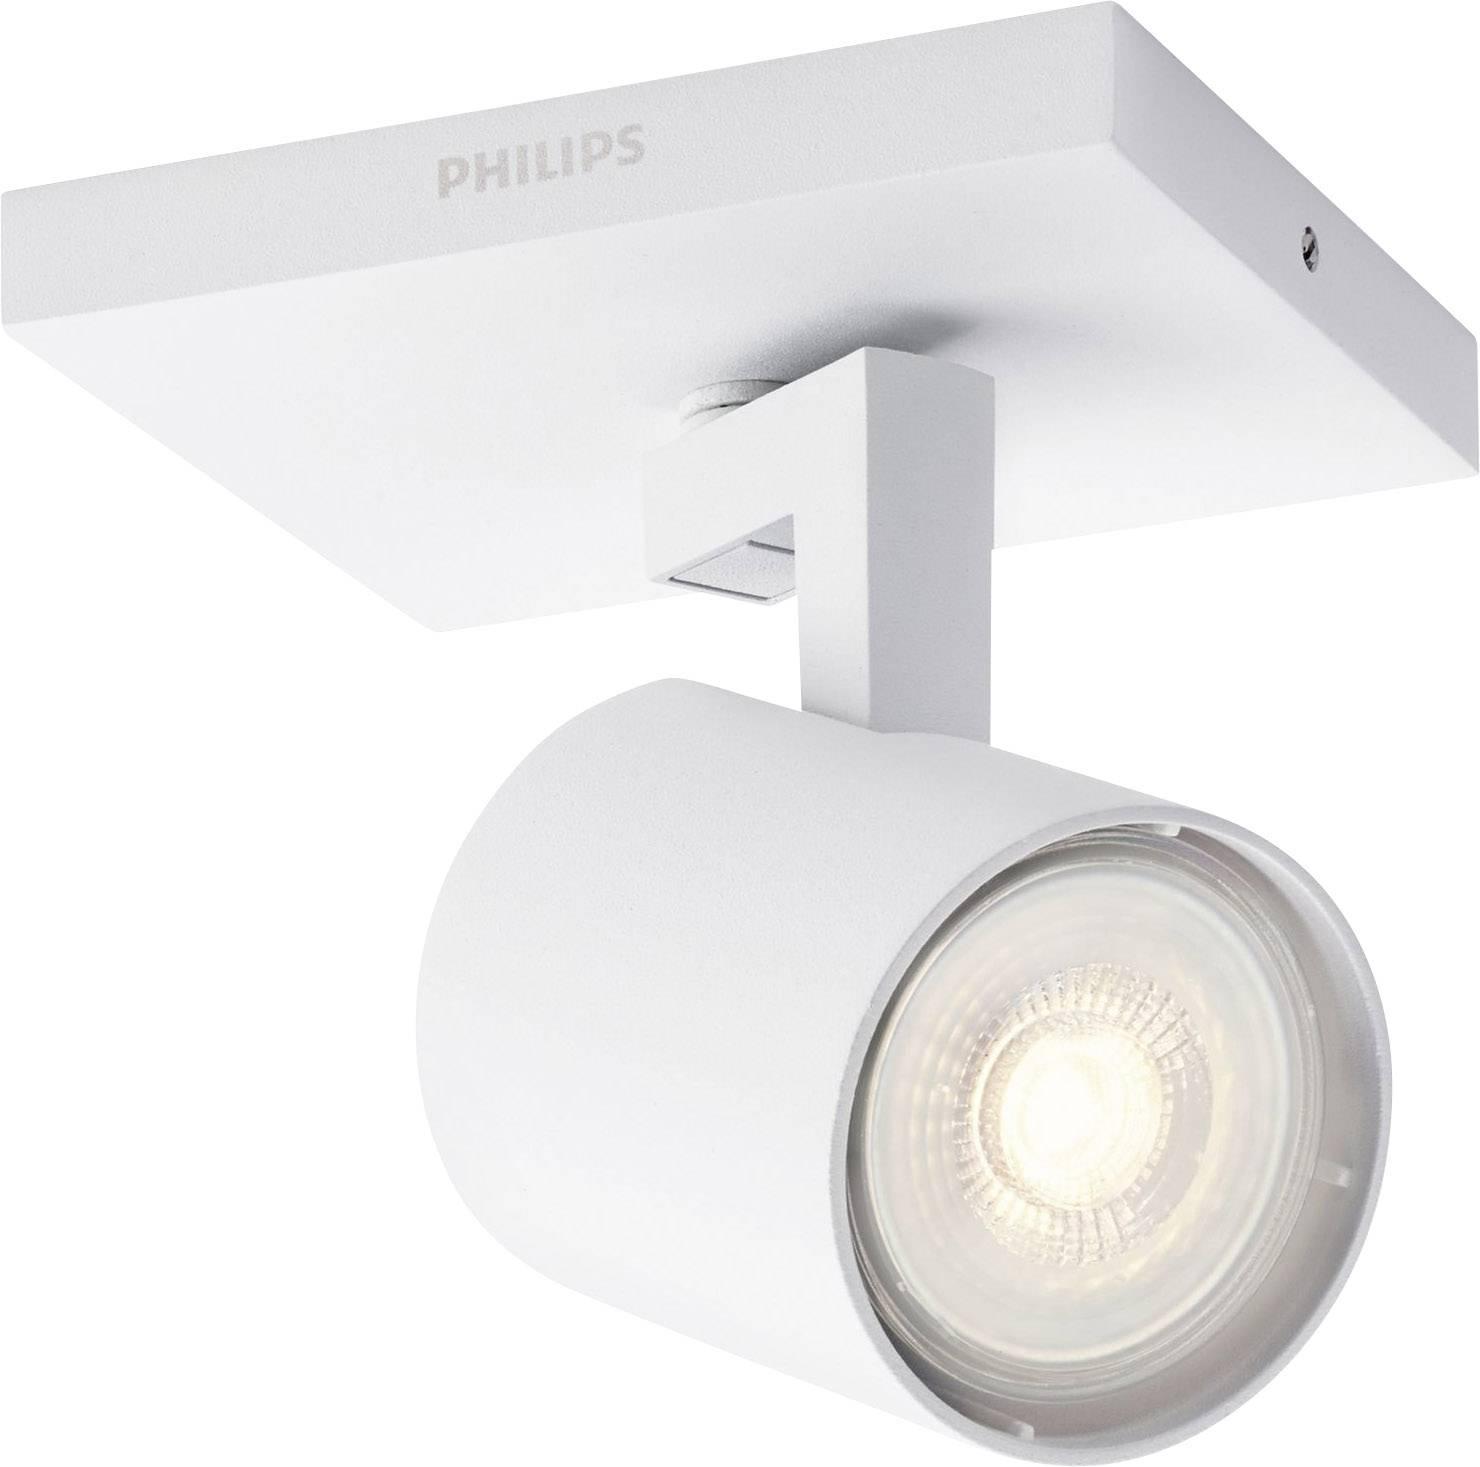 Philips Runner 5309031P0 Deckenstrahler LED GU10 3.5 W Weiß